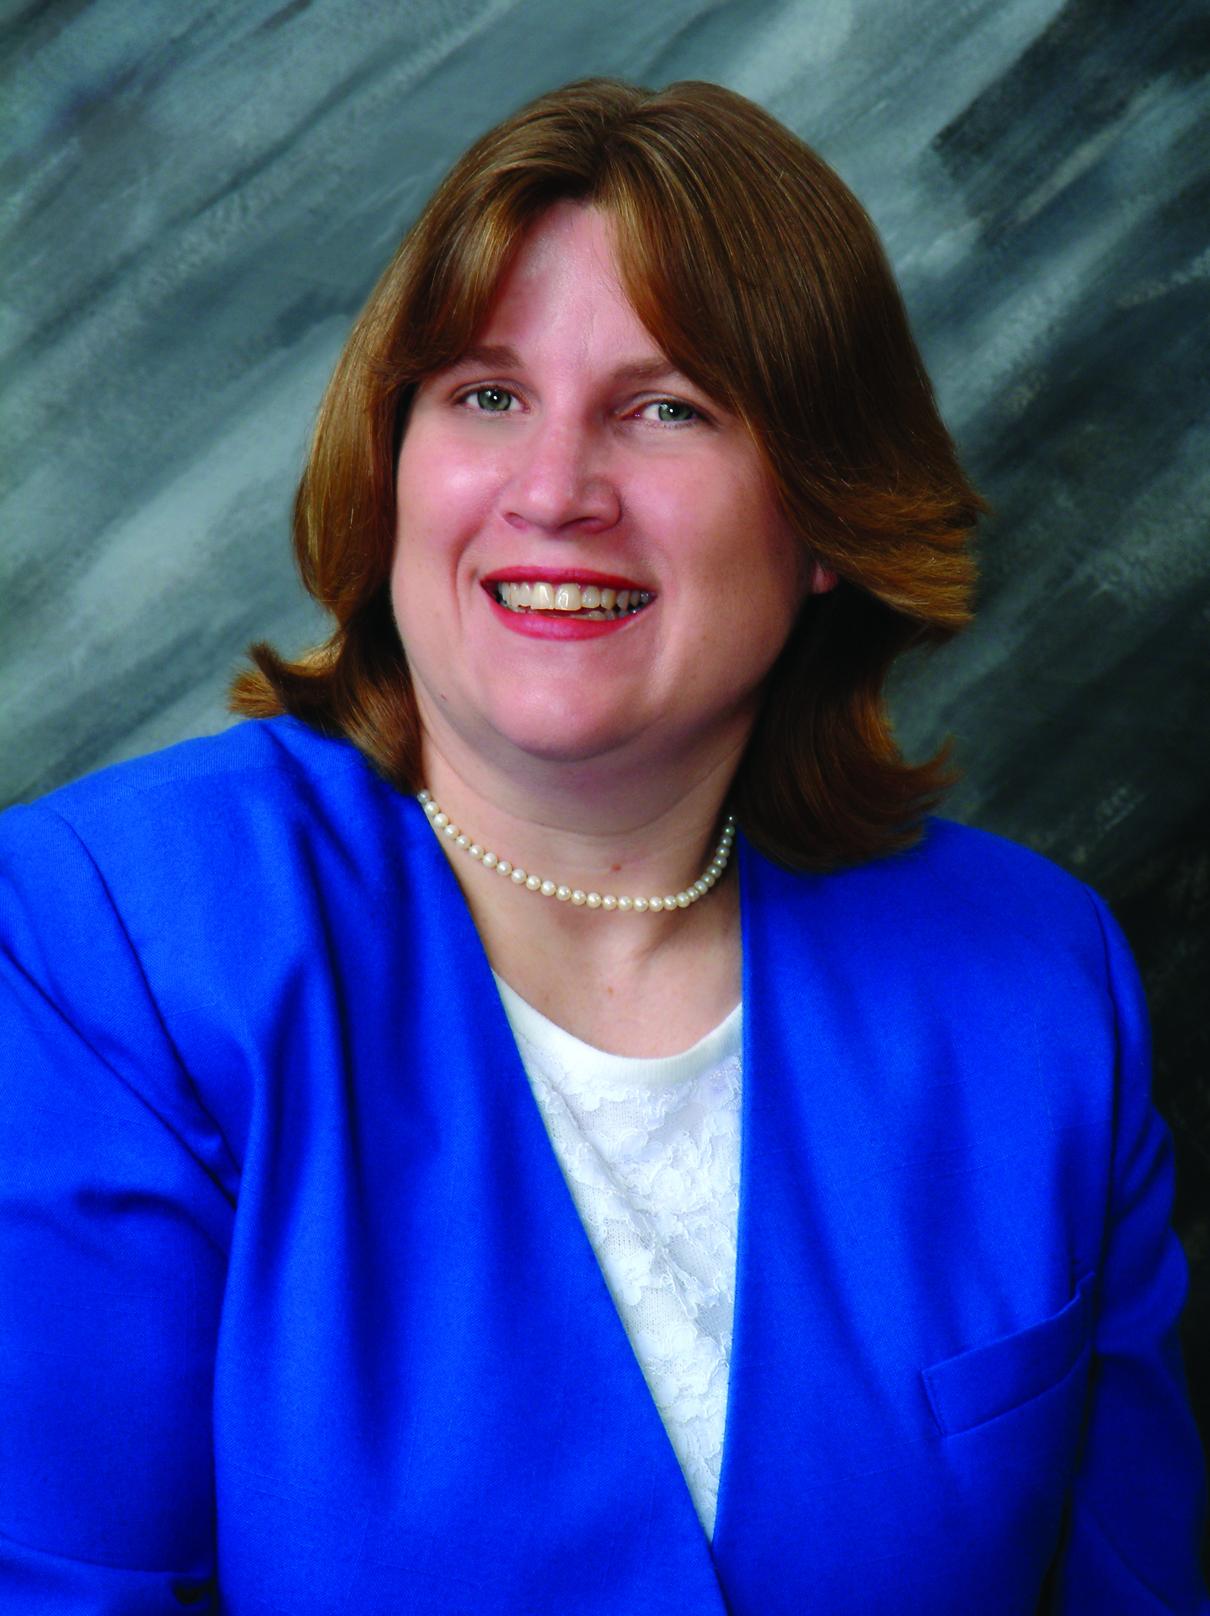 Renee Gradowski